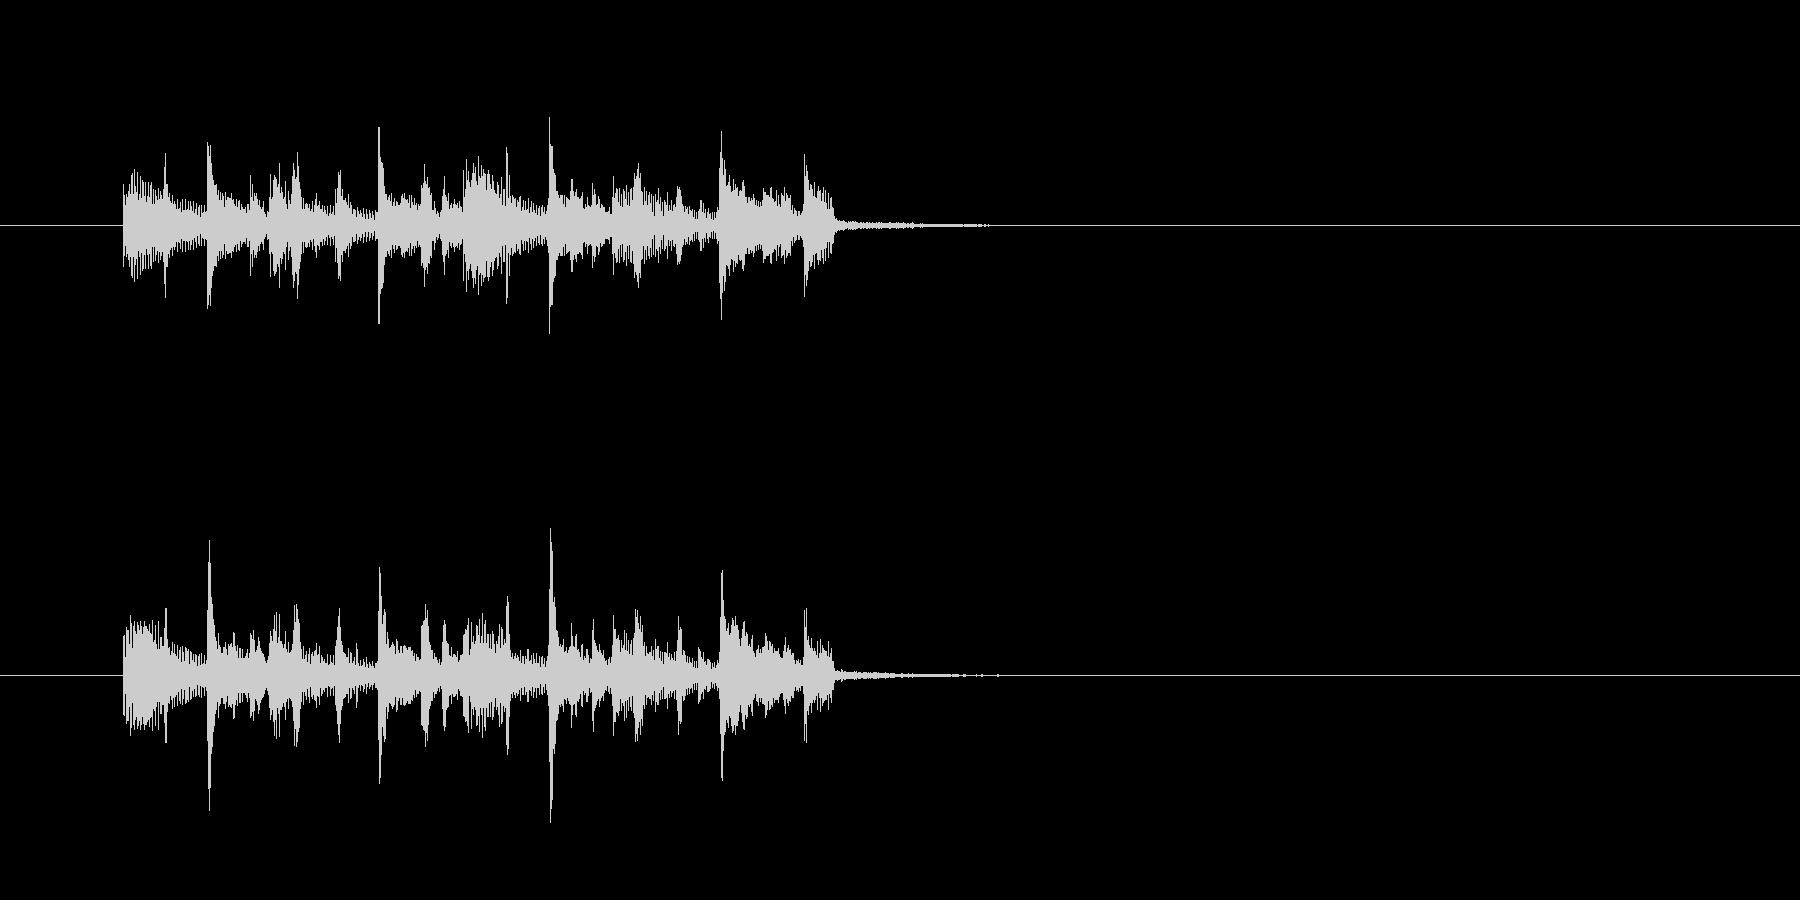 シンセサイザー クール パワフル ベースの未再生の波形